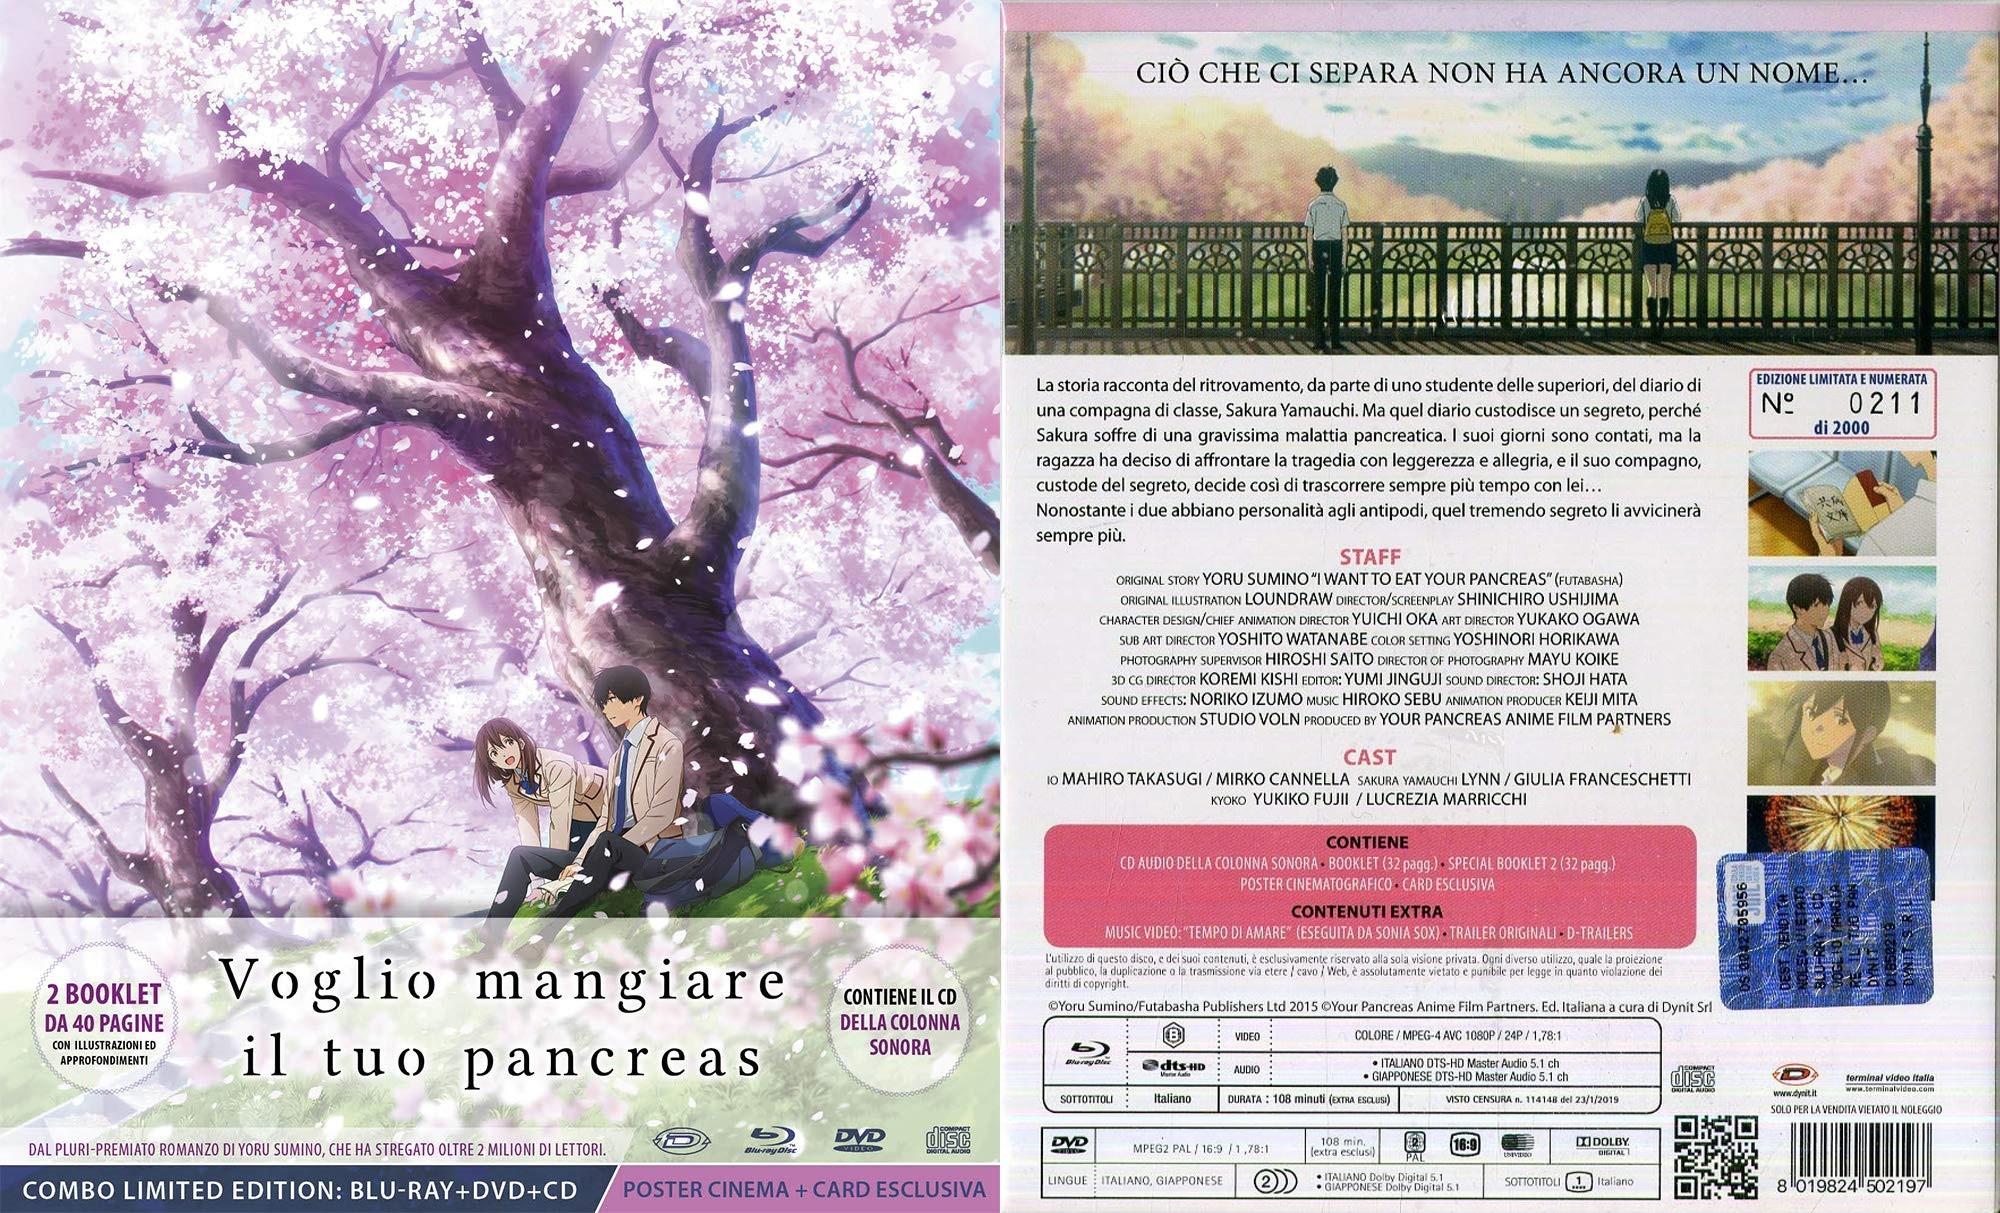 Voglio mangiare il tuo pancreas Limited Edition Blu-ray e Dvd